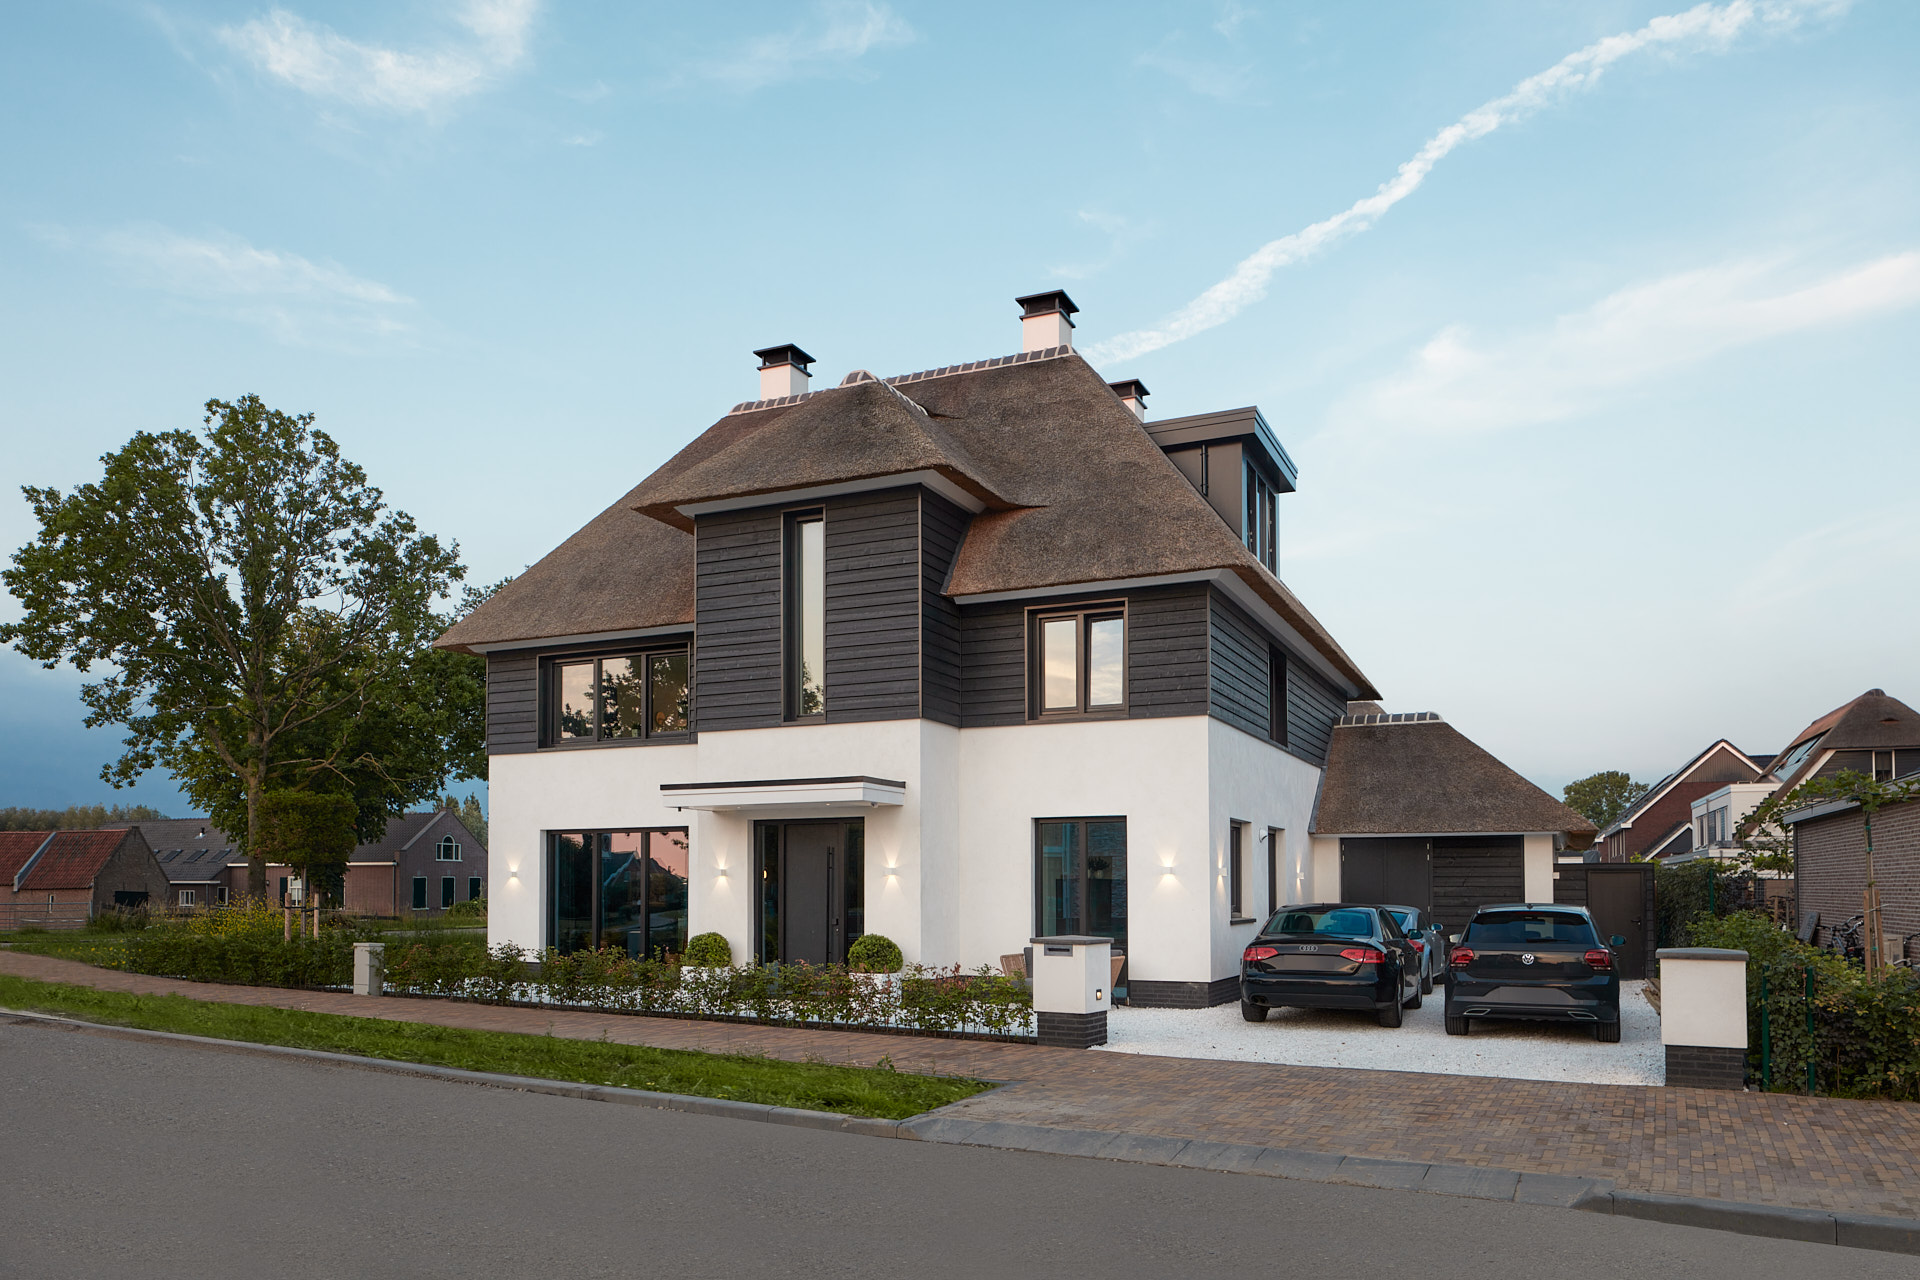 Moderne rietgedekte villa in Utrecht door architect Maxim Winkelaar.